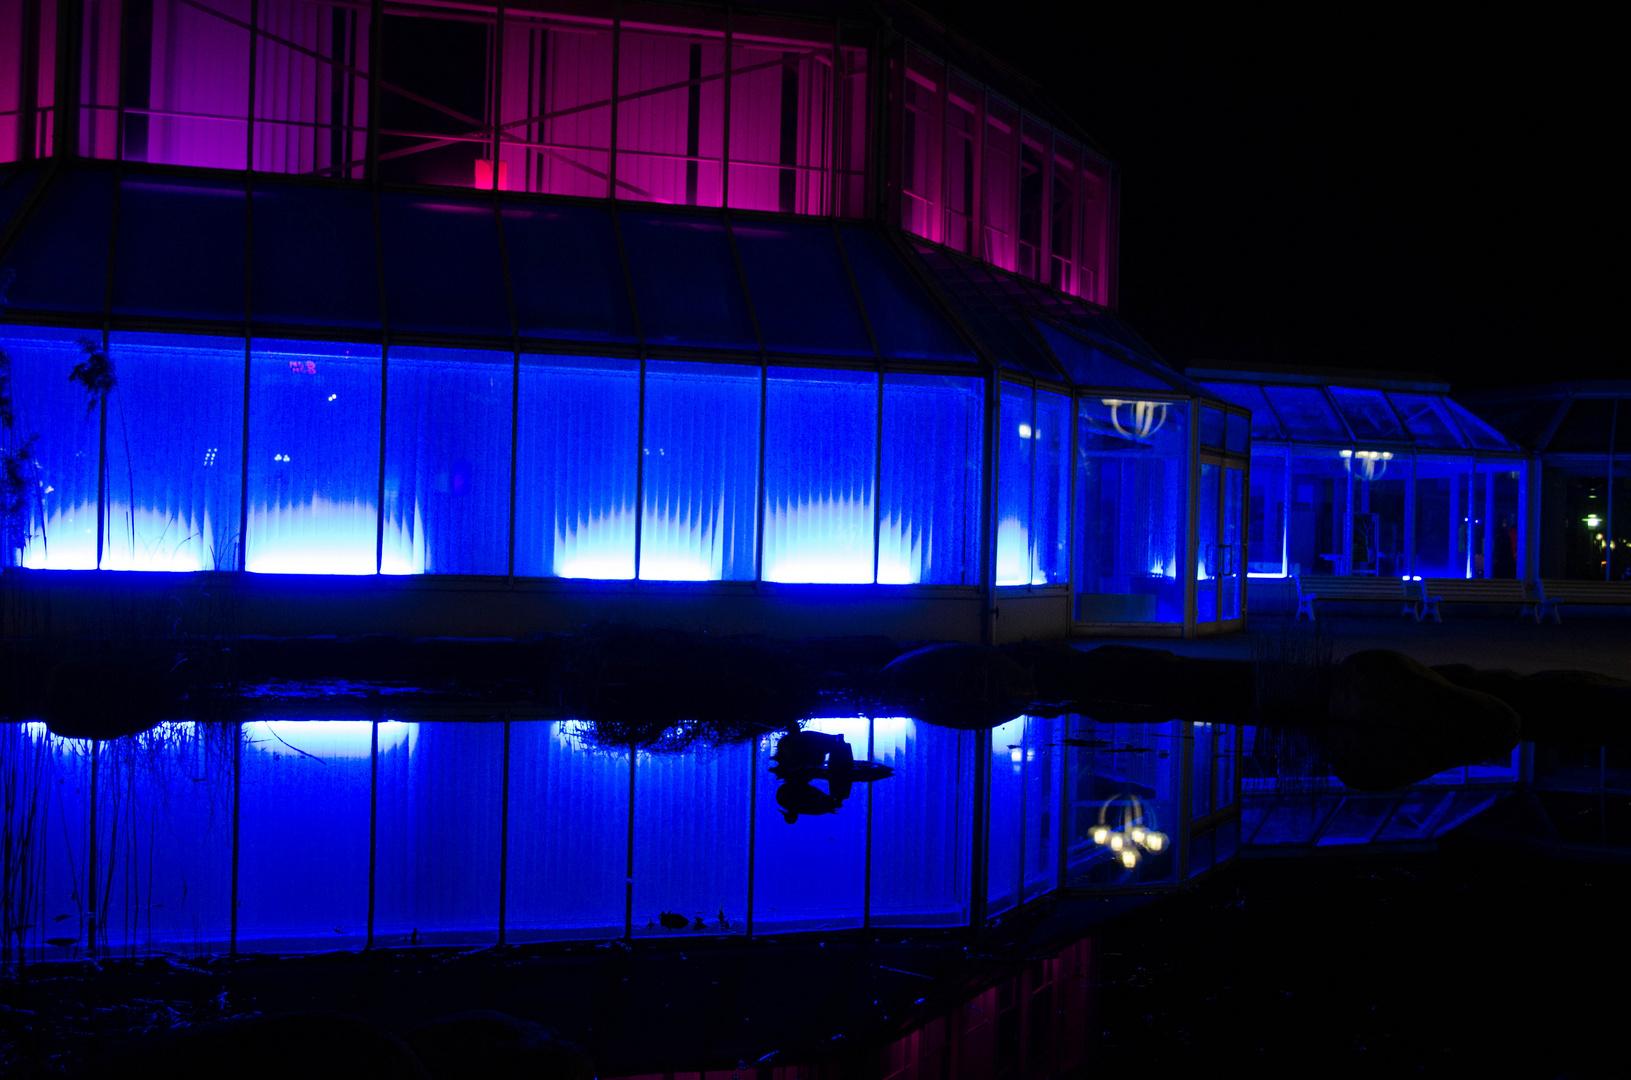 Bunte Nacht - Haus am See